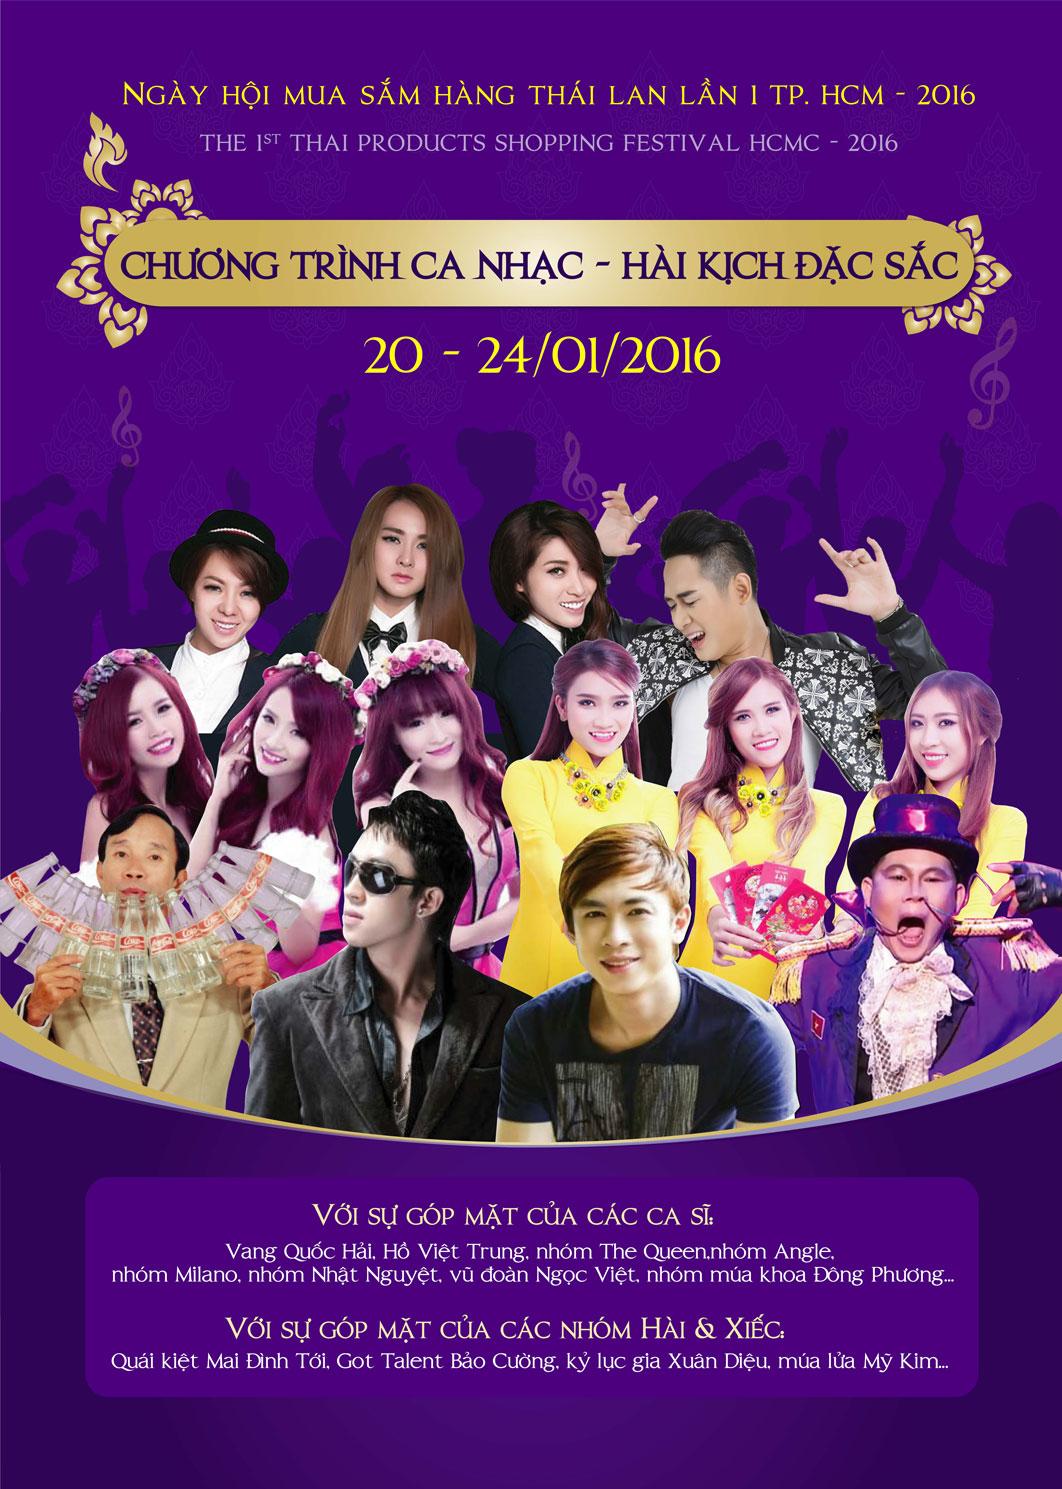 Tưng bừng ngày hội mua sắm hàng Thái Lan thứ nhất - Ảnh 1.